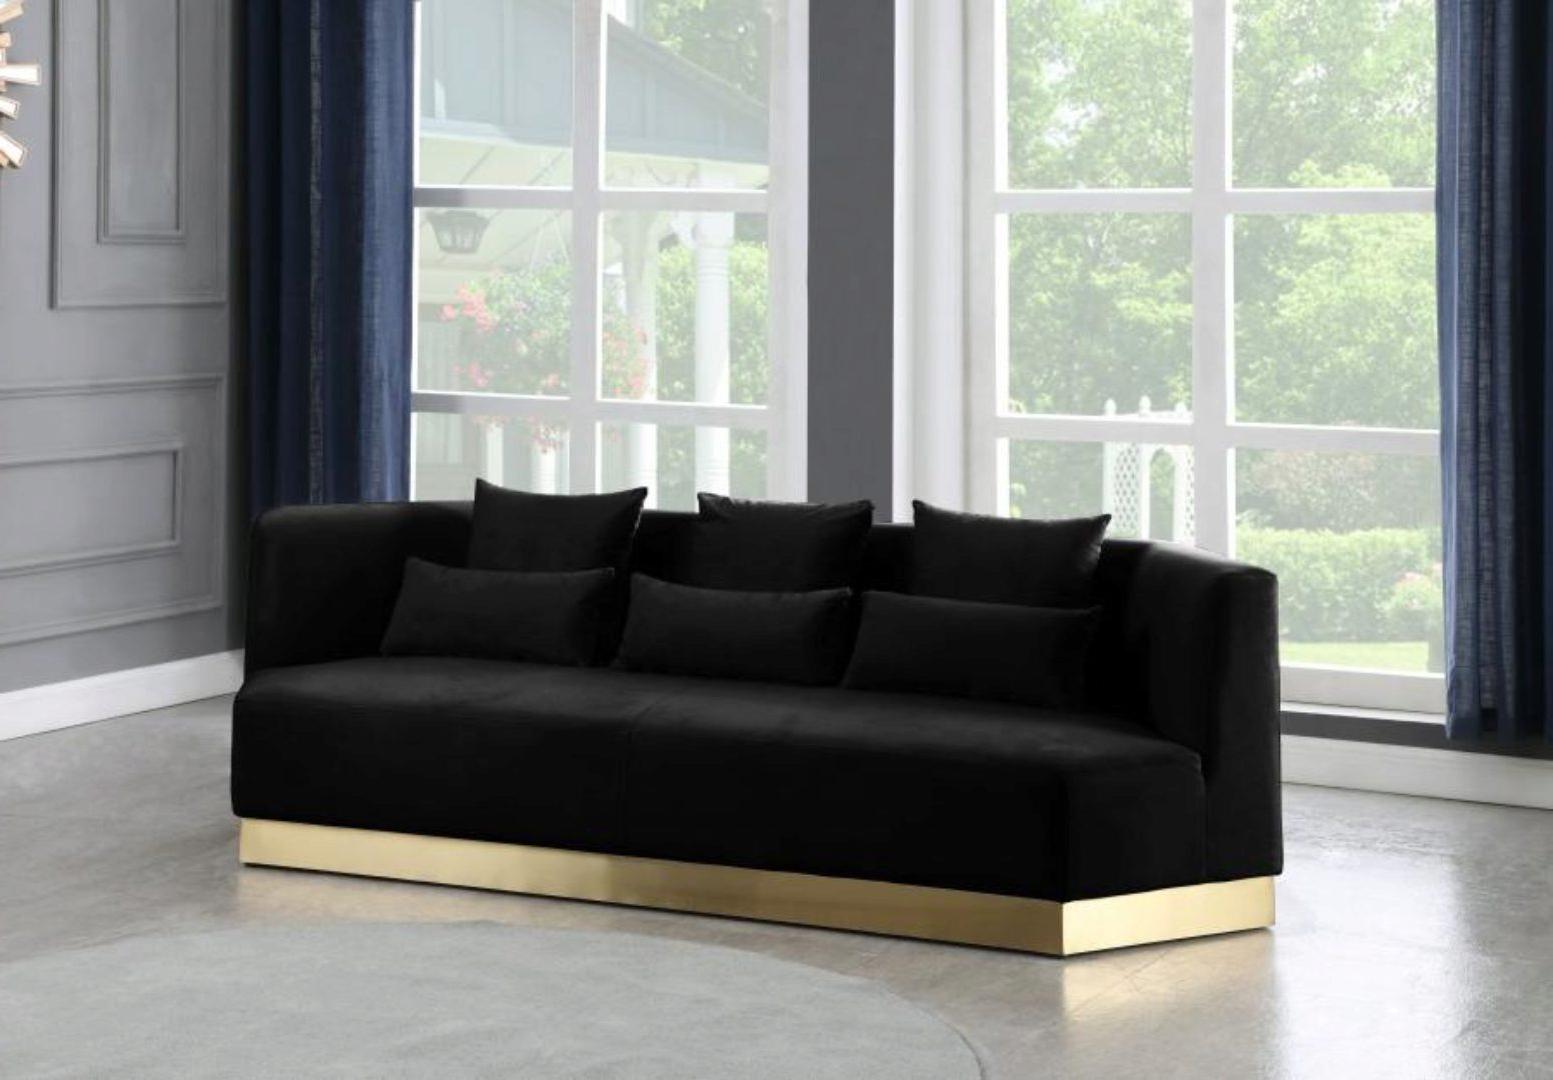 Black Velvet Sofa Curved Design Contemporary Meridian Intended For Trendy Strummer Velvet Sectional Sofas (View 7 of 25)